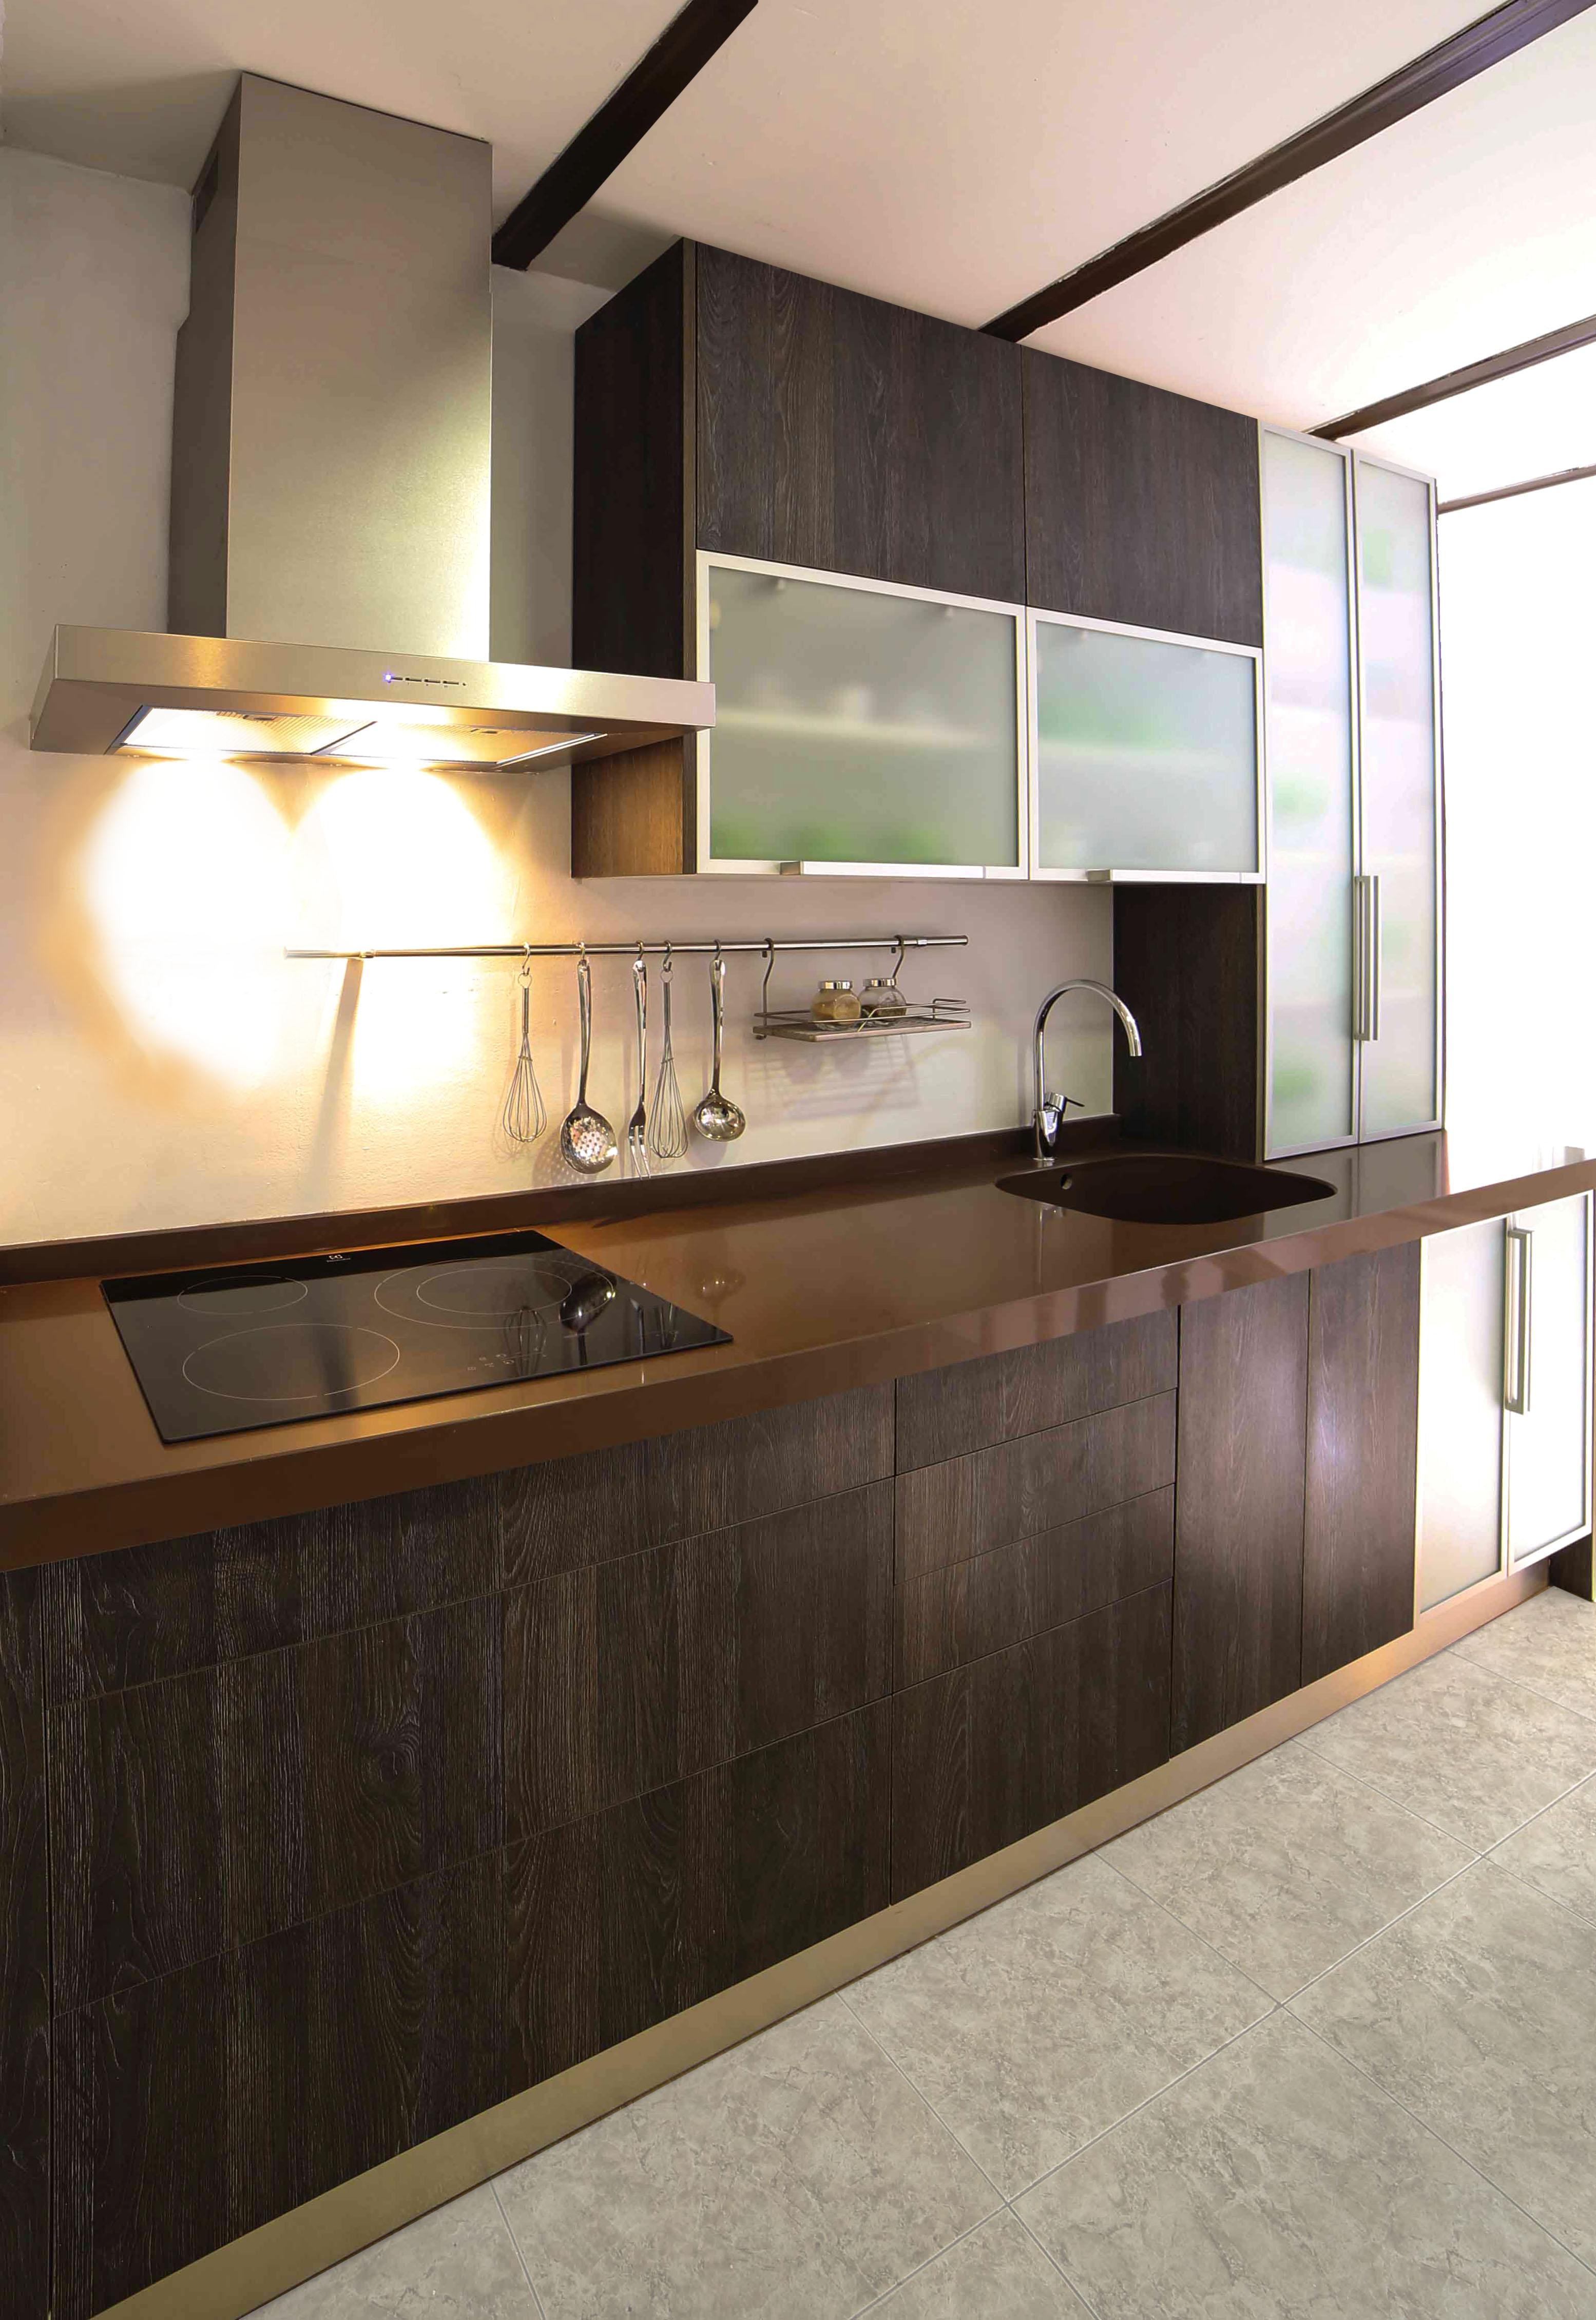 Excepcional Centro De Diseño De Cocina Y Baño De Annapolis Friso ...